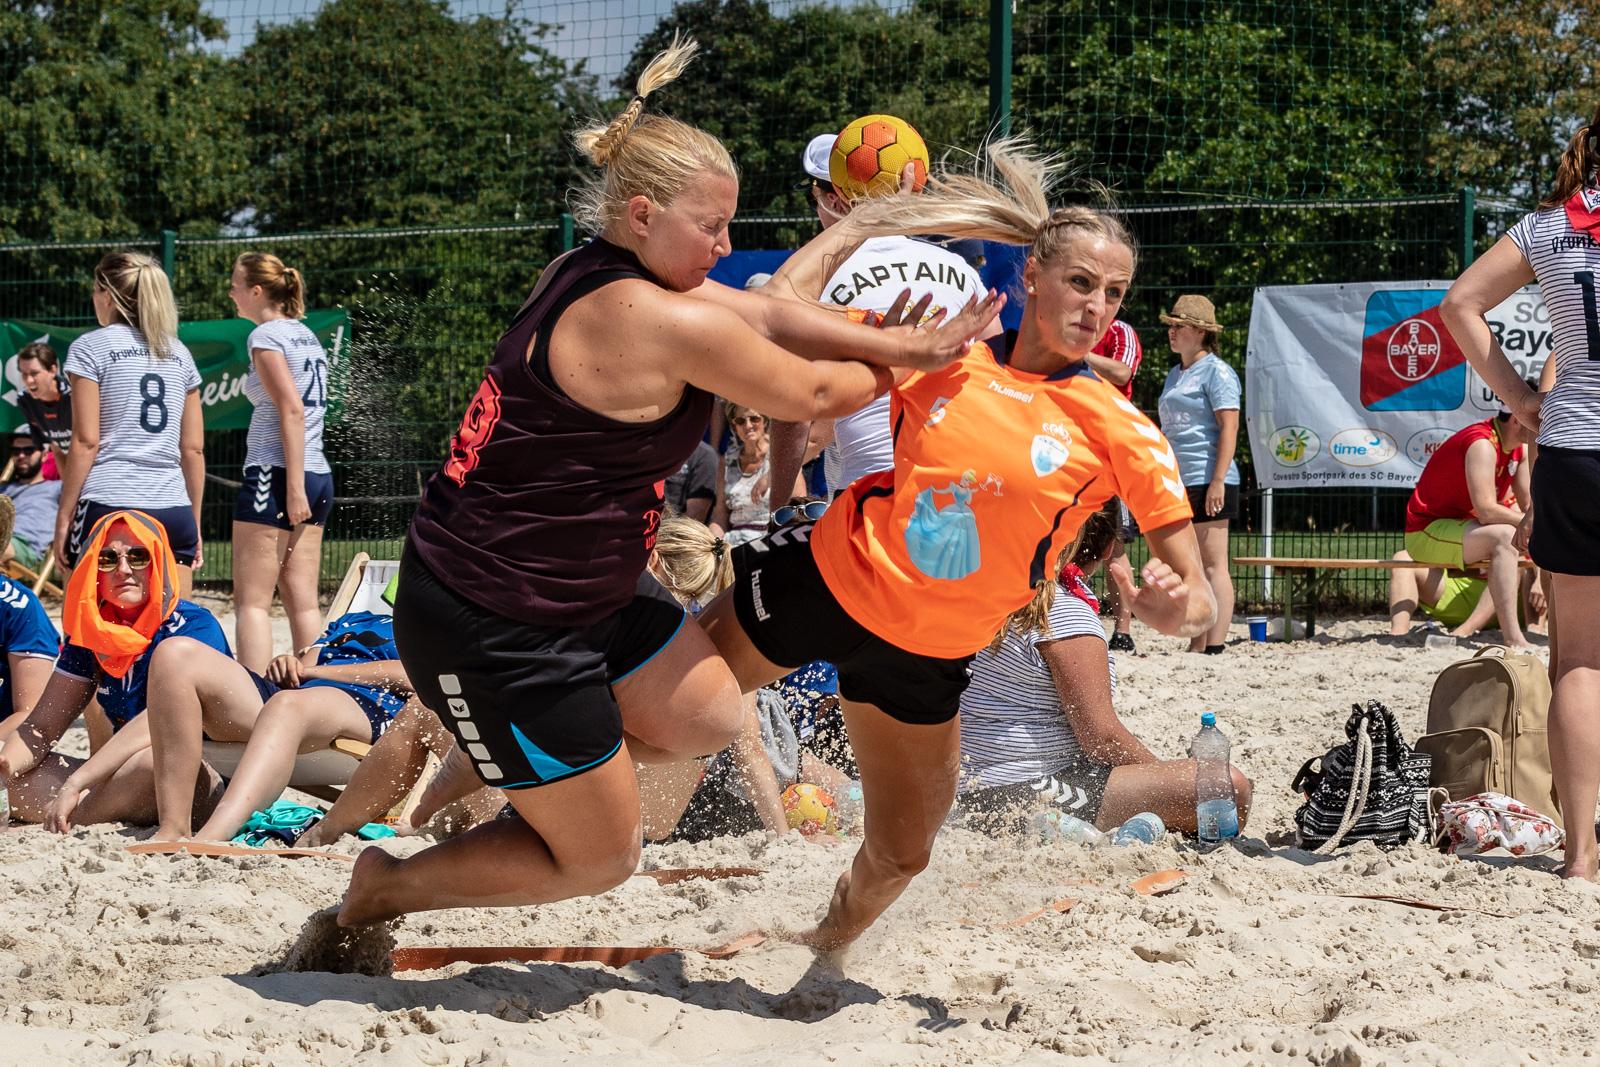 Voller Körpereinsatz wird gefordert beim Beach Handball. (Foto: photominister.de)